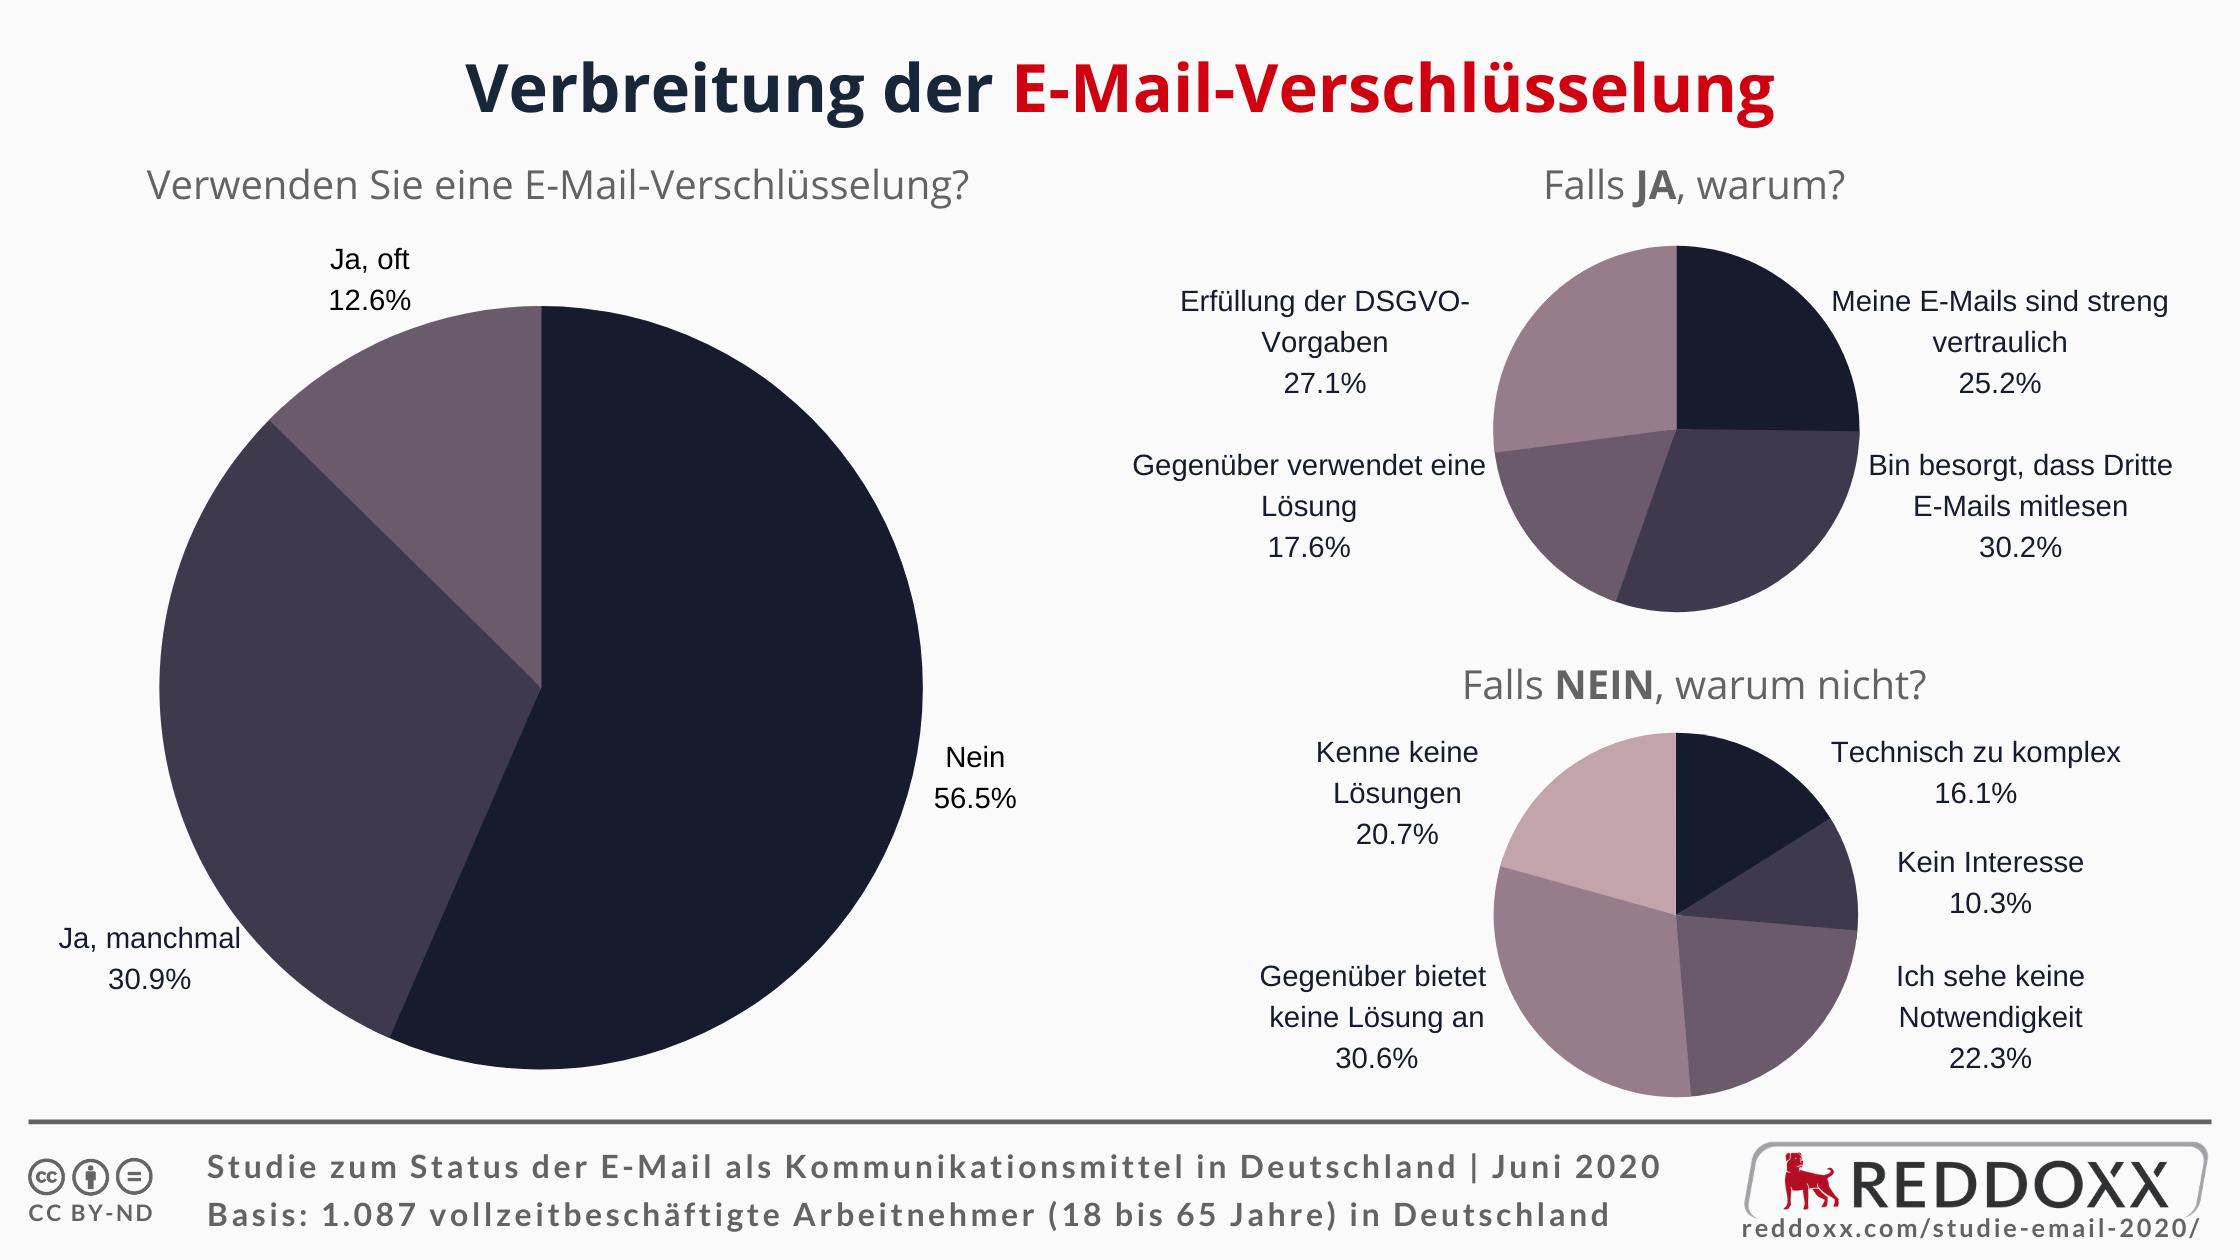 Verbreitung der E-Mail-Verschlüsselung